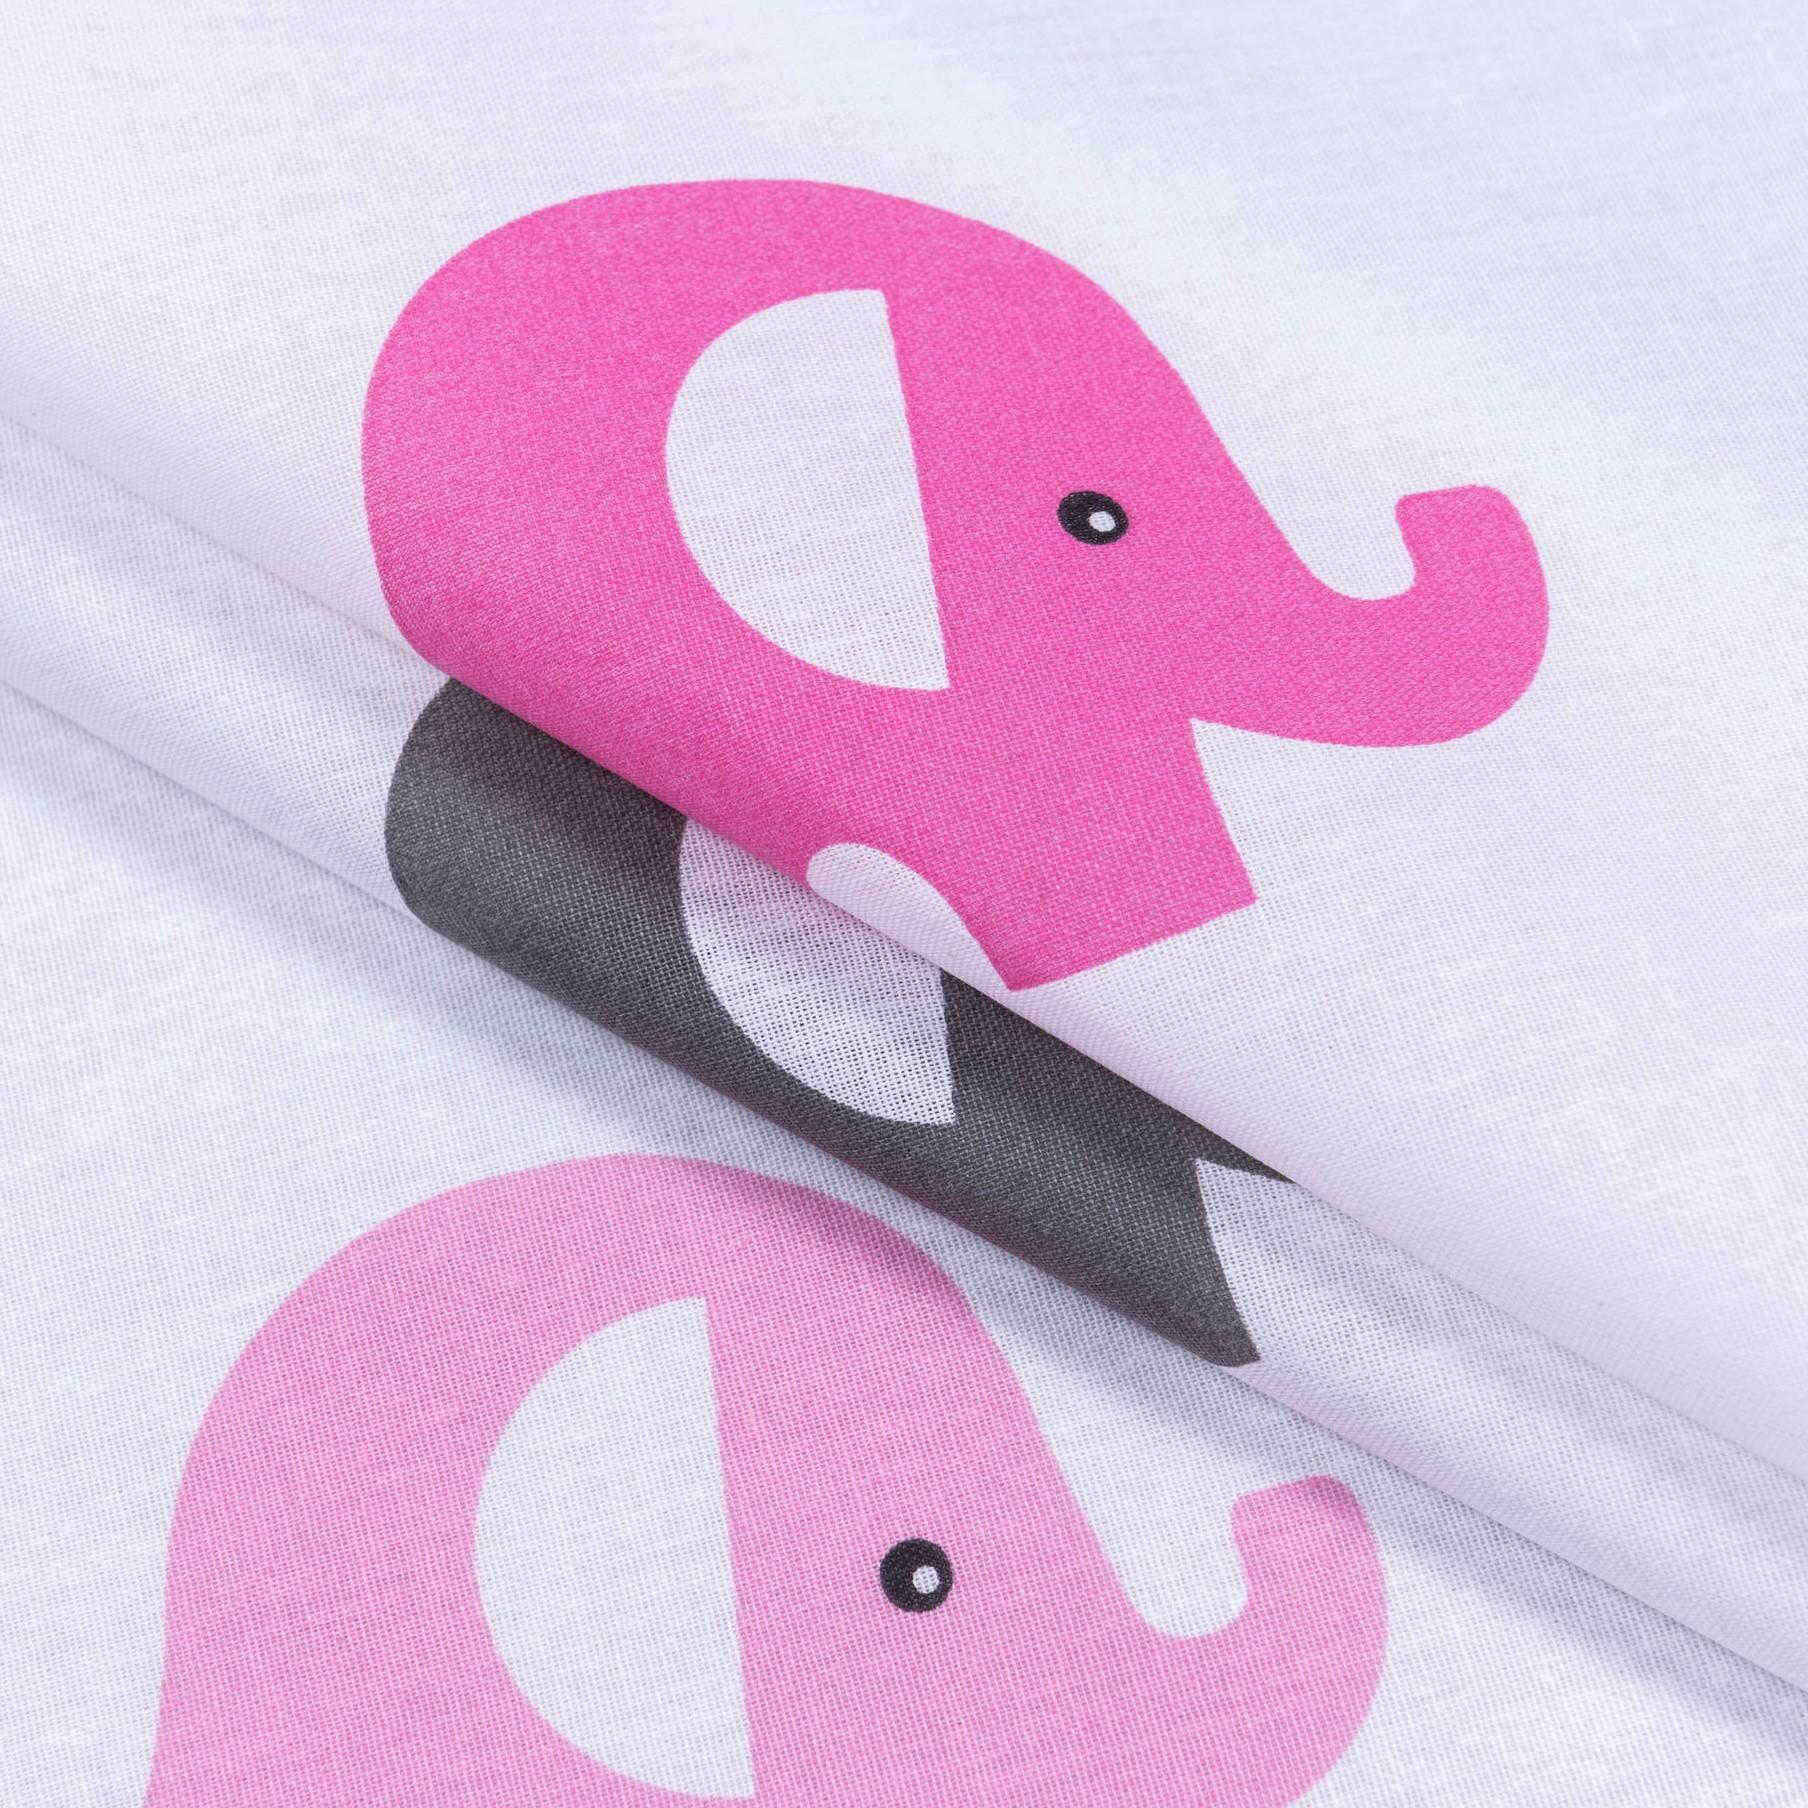 Бязь набивная Розовые слоники, размер 50х70 см, хлопок 100%, плотность 120